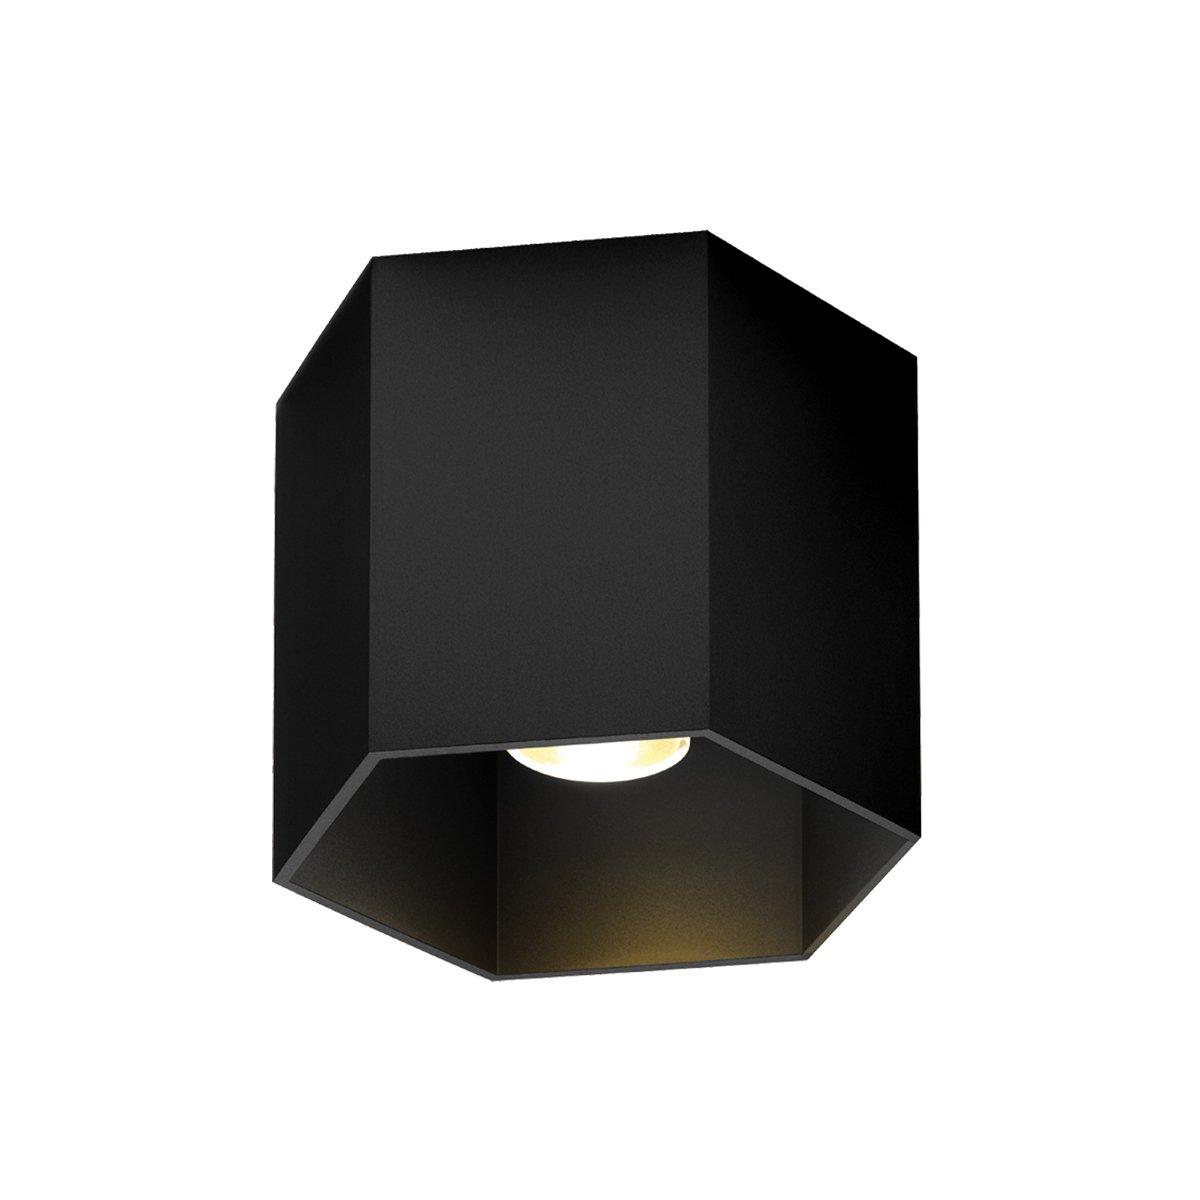 Wever & Ducr� Hexo 1.0 Plafondlamp Jet Black - 2700 Kelvin